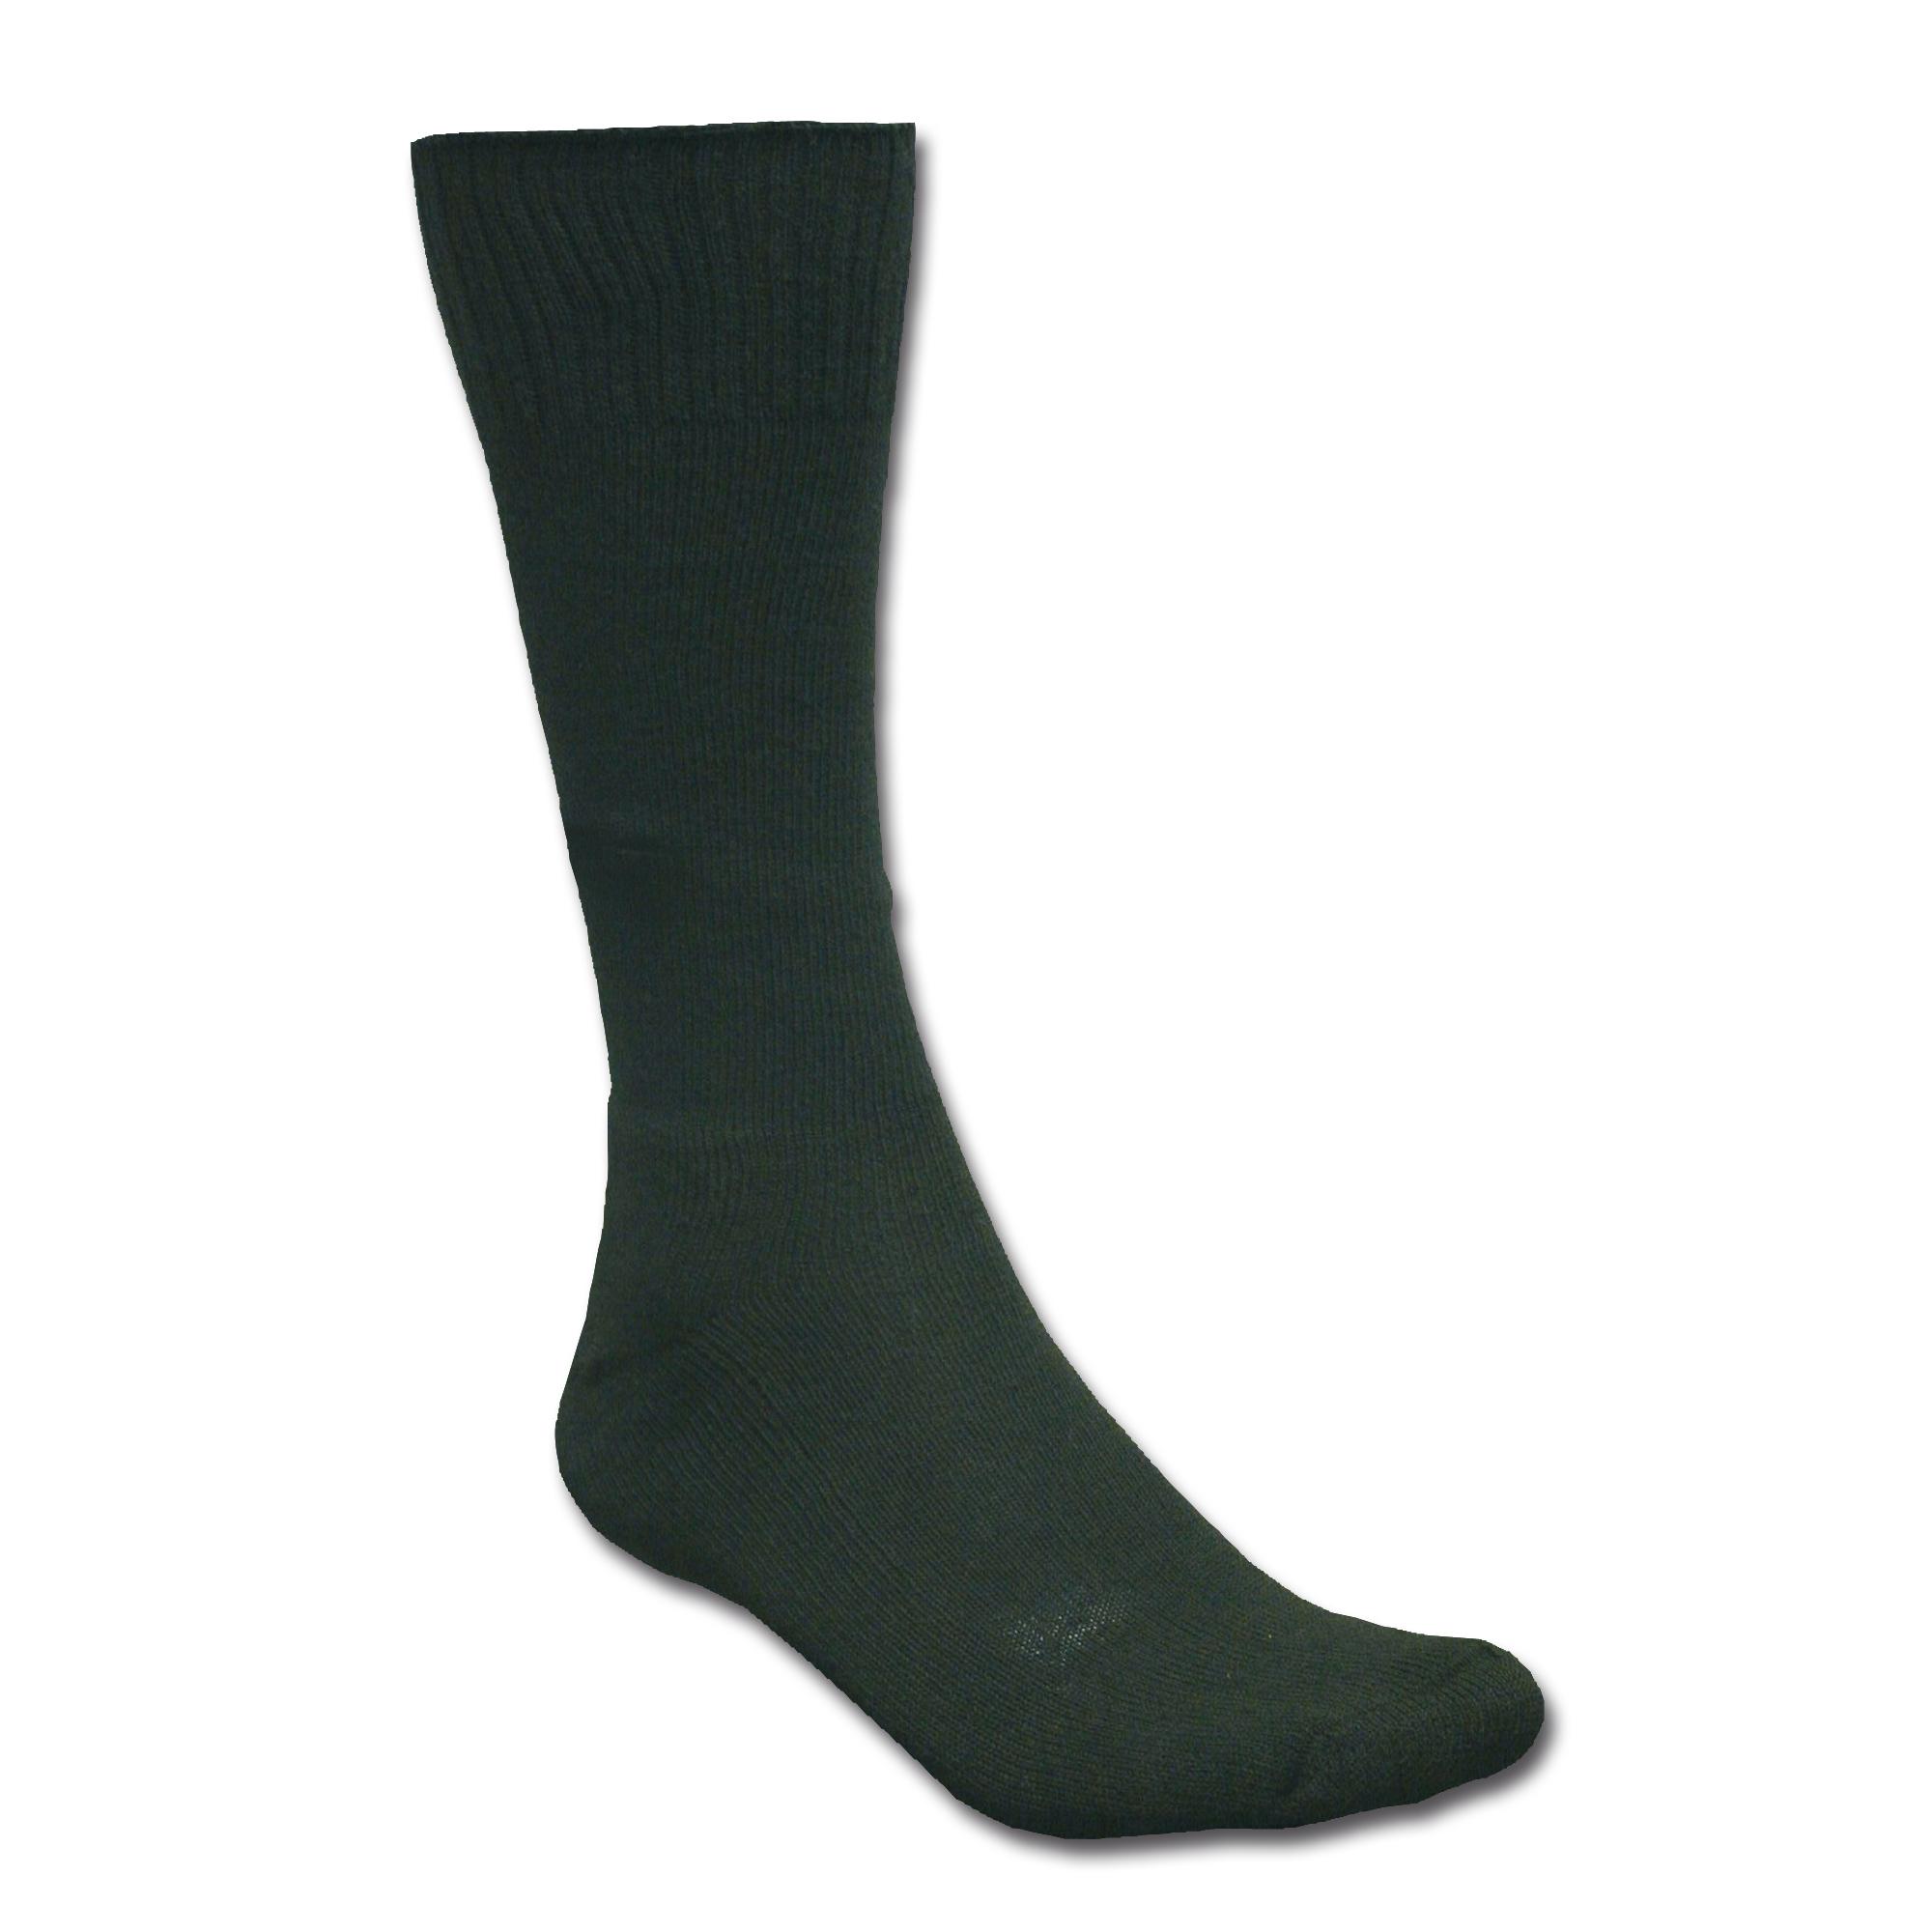 Socken US Armee schwarz